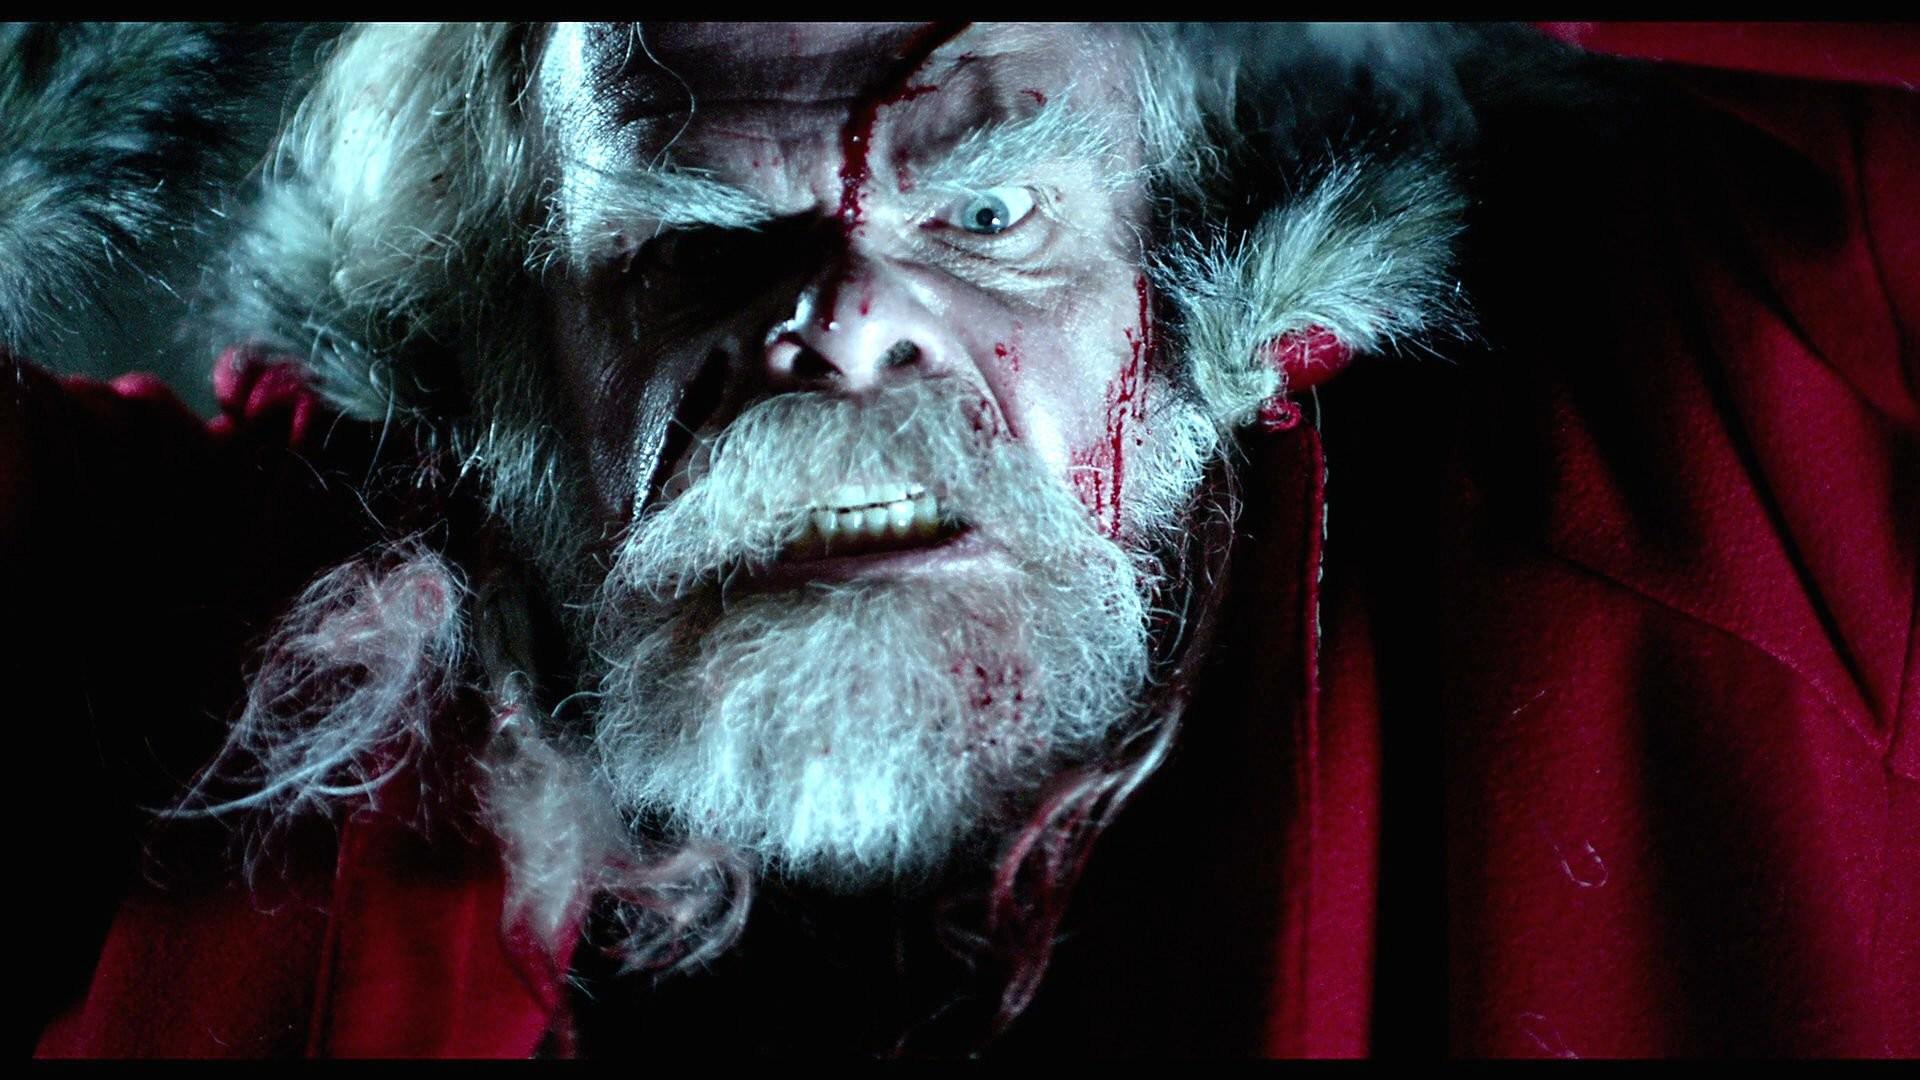 Res: 1920x1080, KRAMPUS monster demon evil horror dark occult christmas story wallpaper |   | 899662 | WallpaperUP